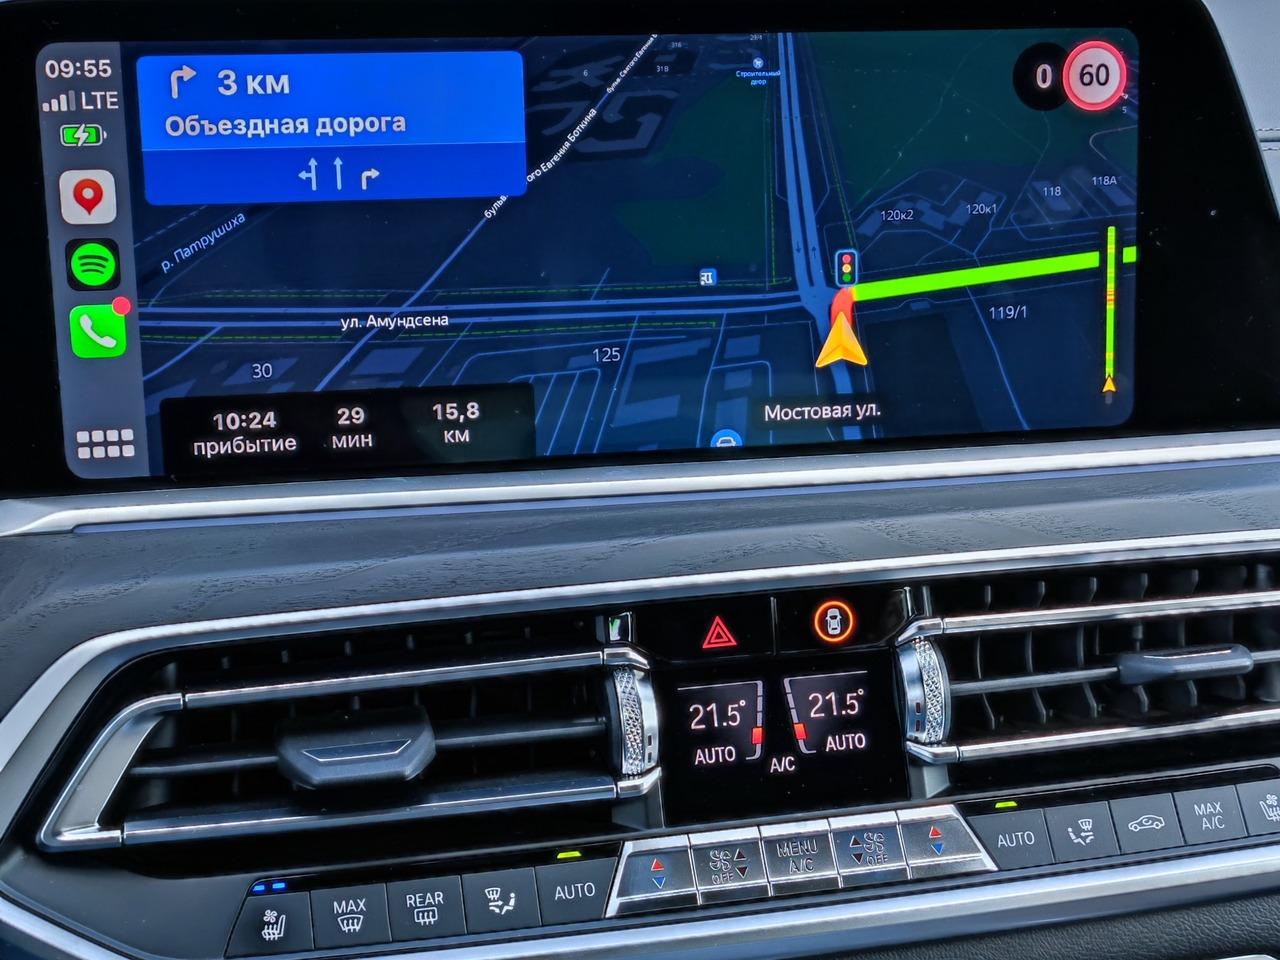 Яндекс добавил Карты и Навигатор в Carplay, bmw x7 g07